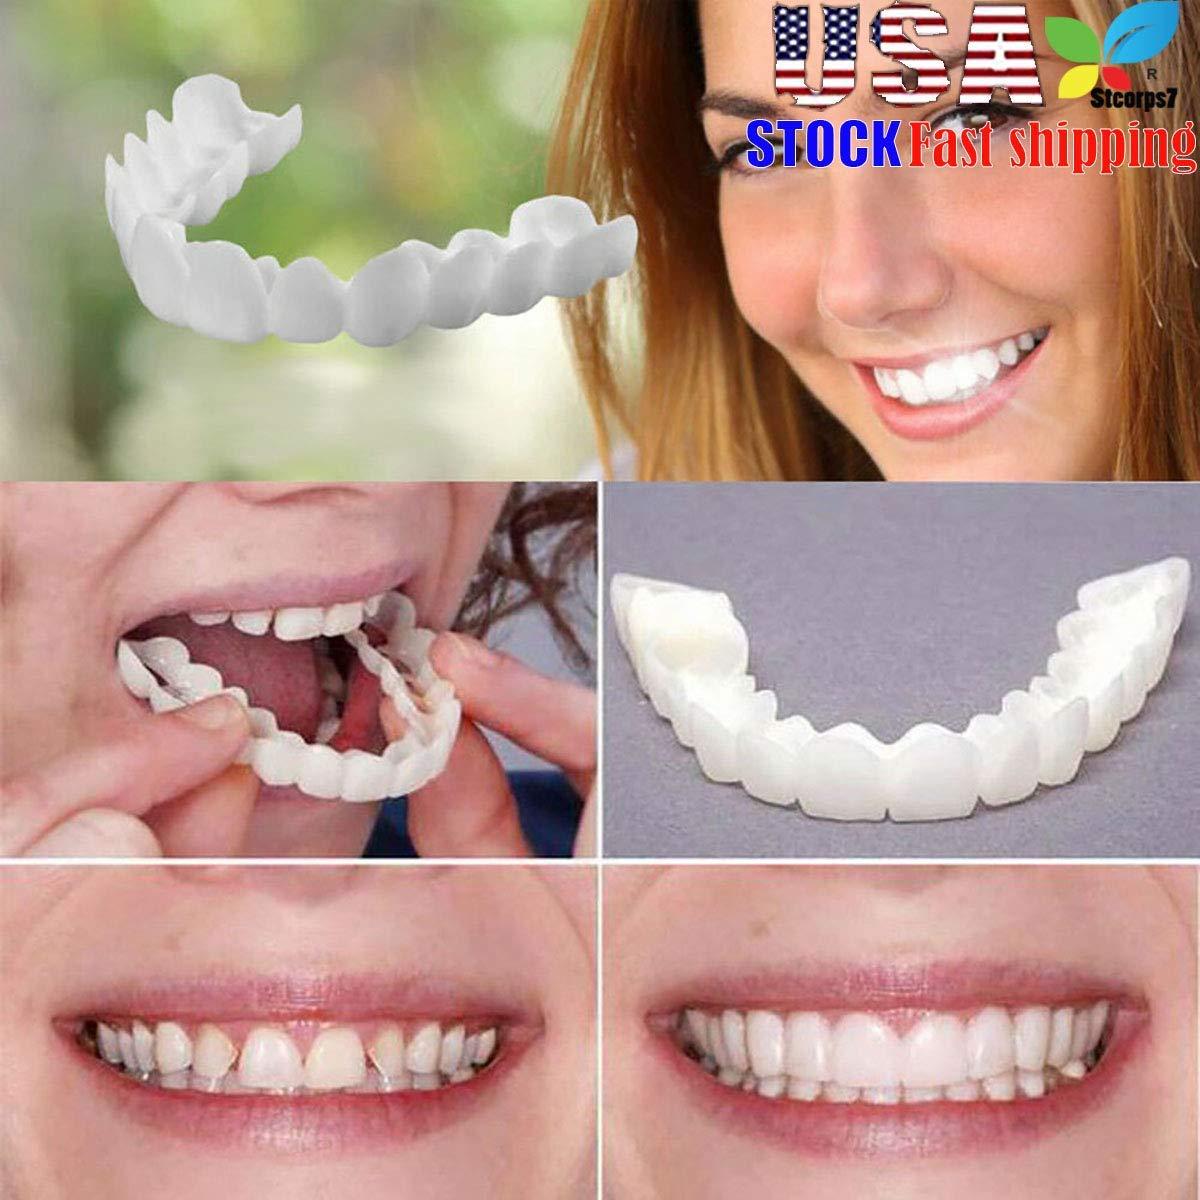 Amazon com : Veneers Snap in Teeth, STCORPS7 Braces Veneers